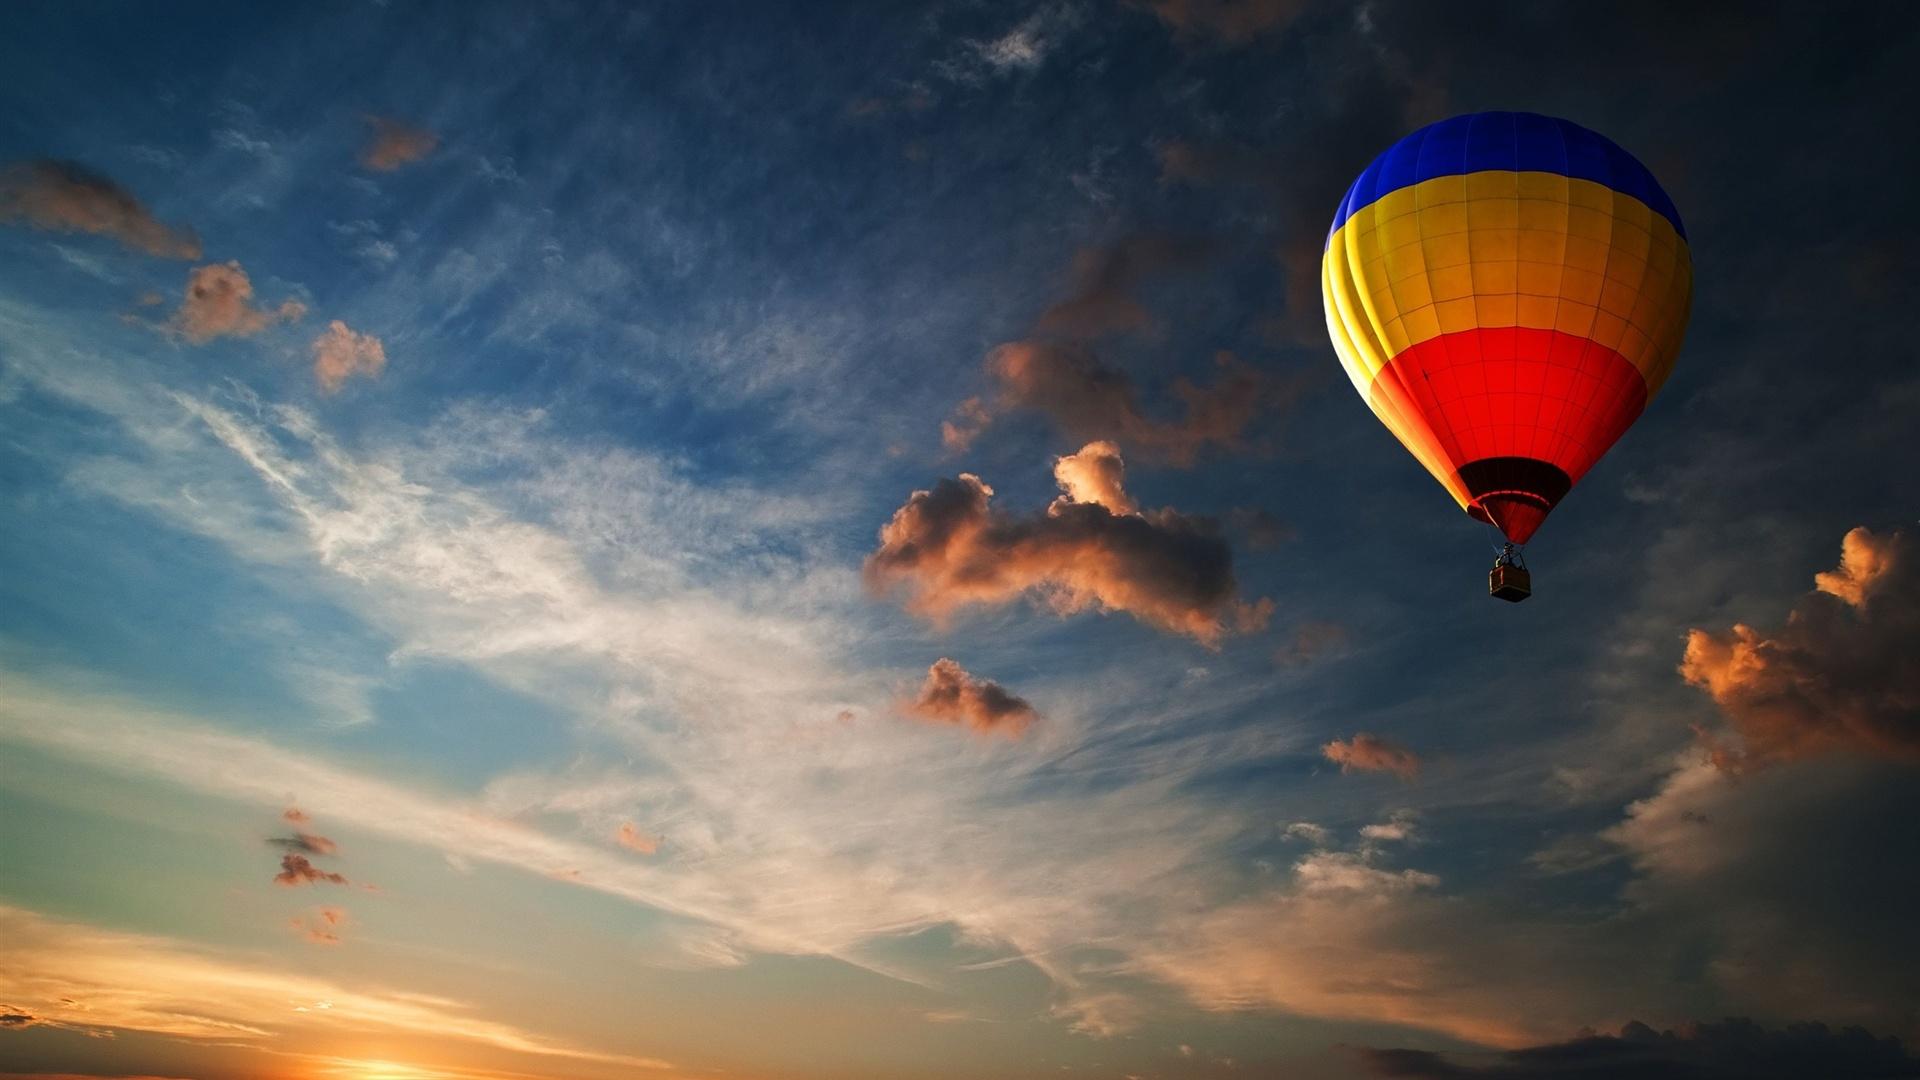 Air Balloon desktop wallpaper hd